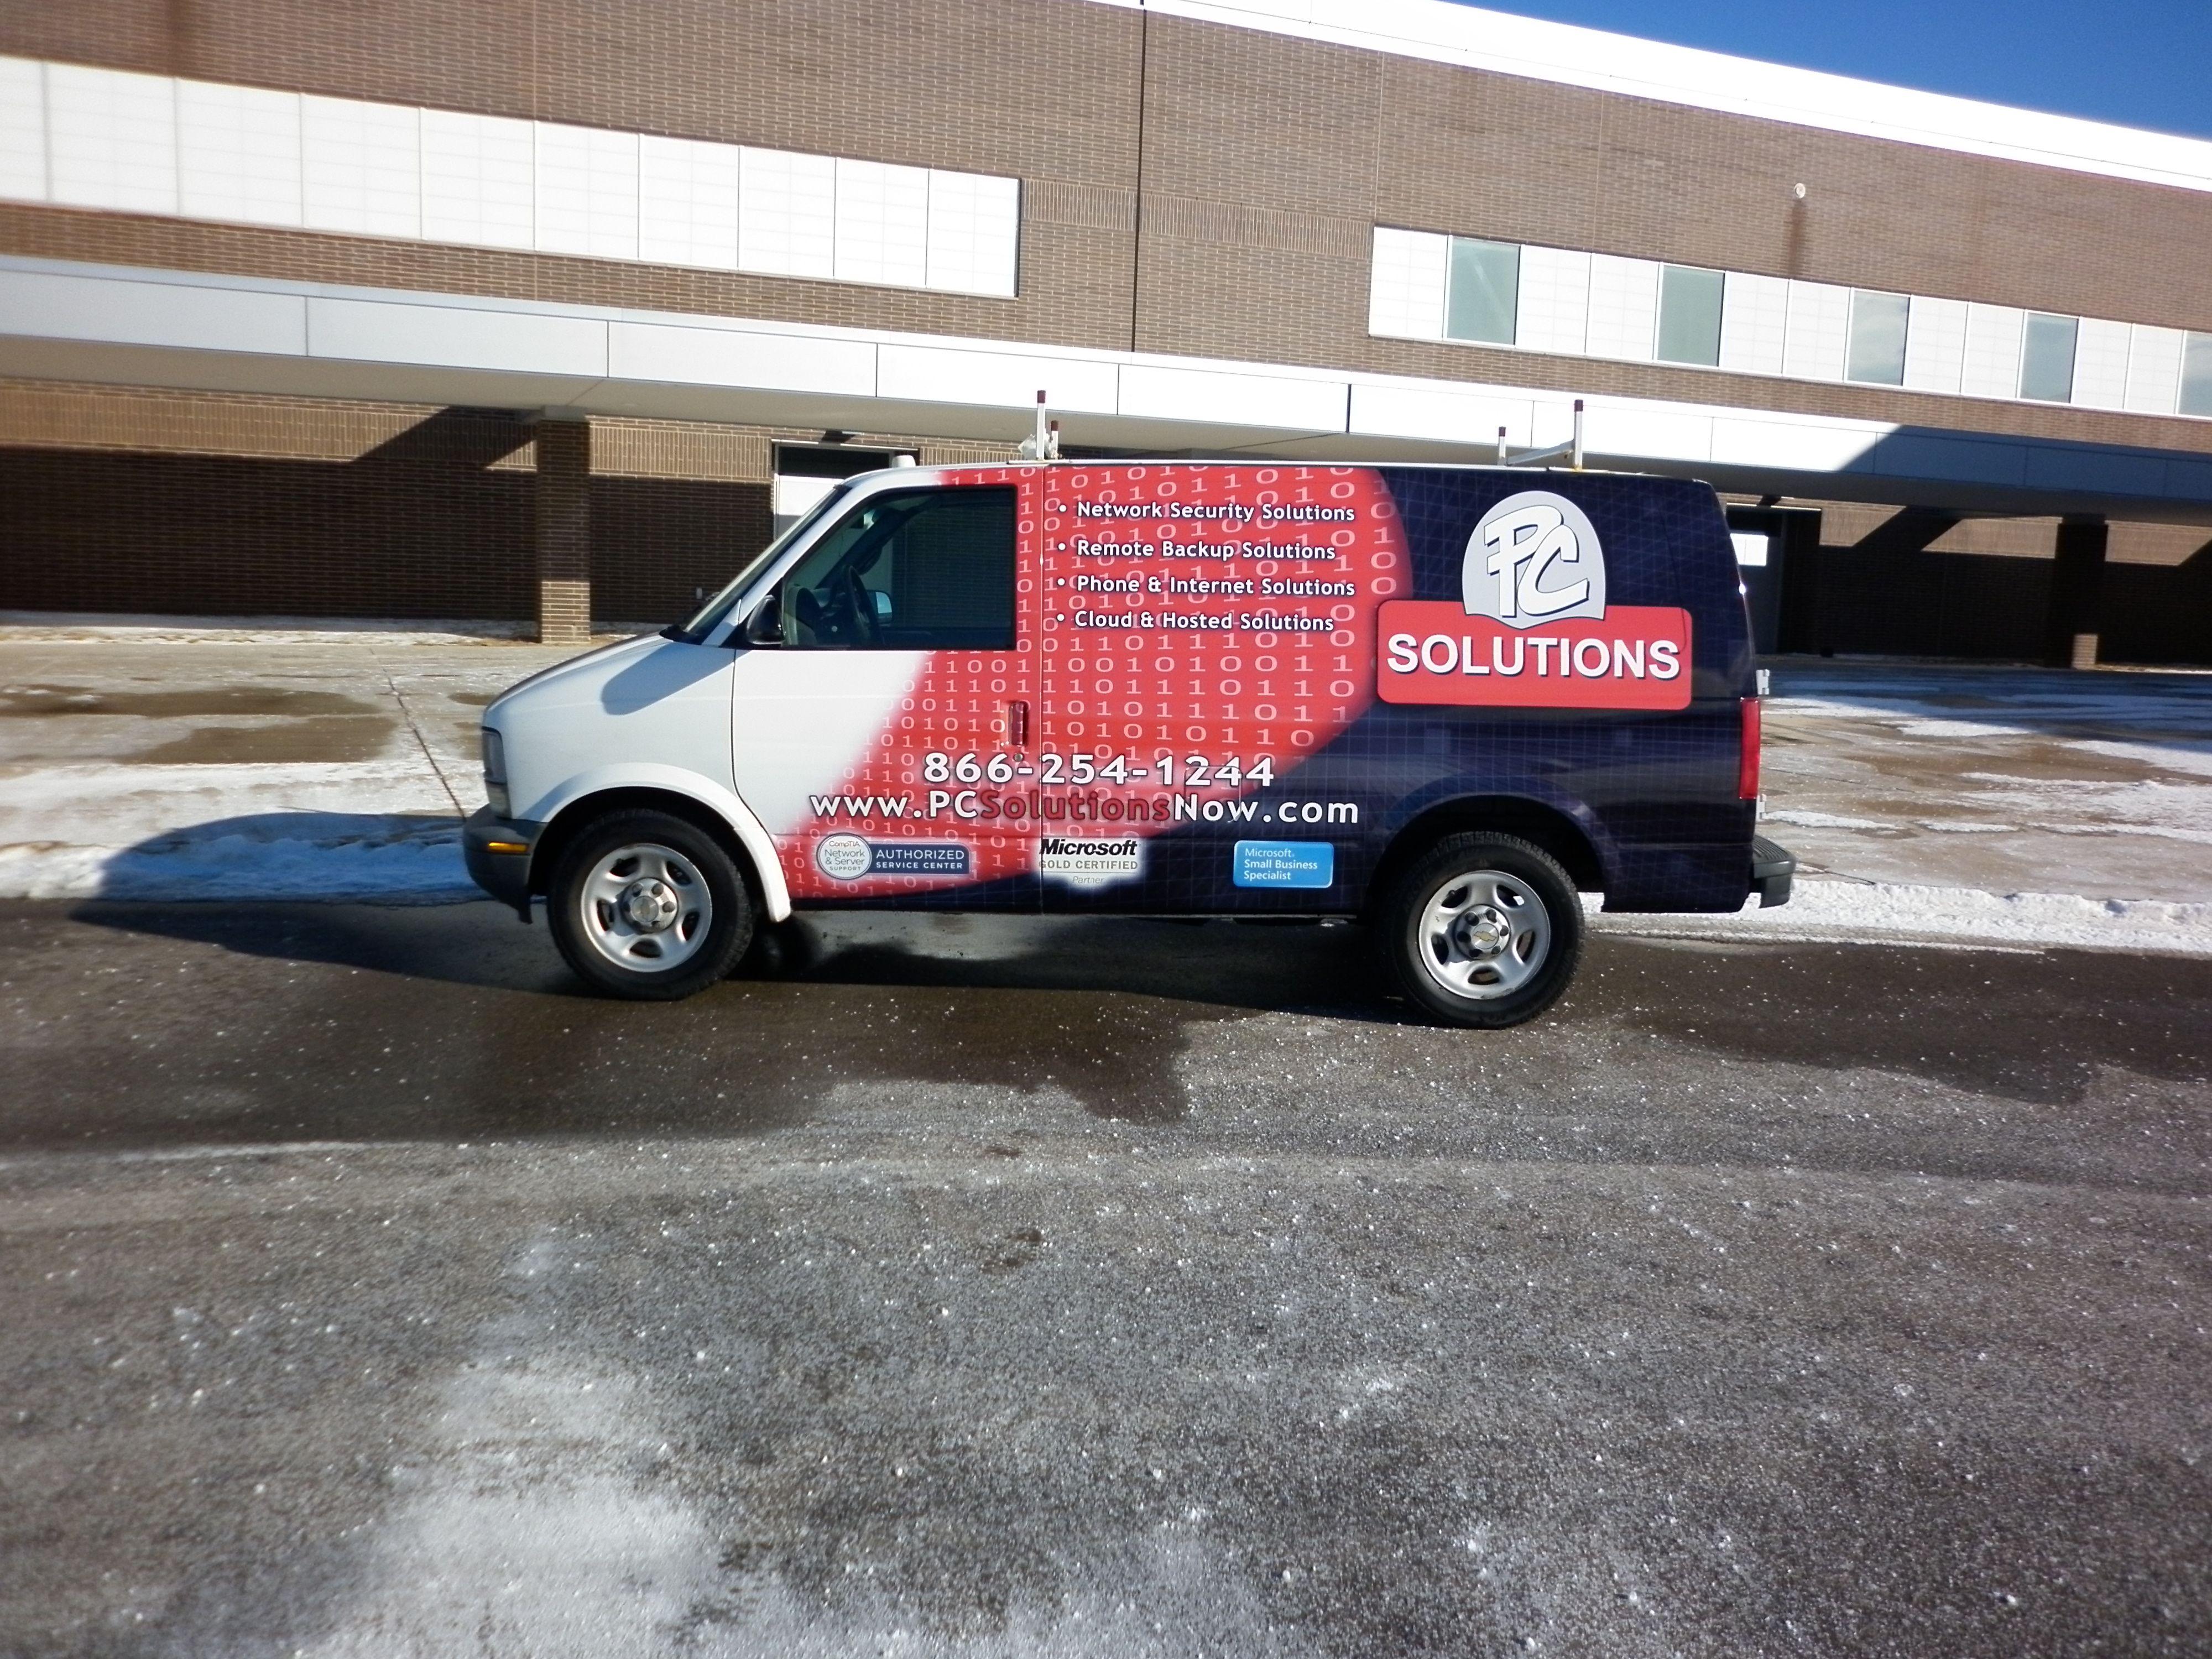 Pc Solutions Fleet Van Wrap By Steel Skinz Graphics Www Steelskinz Com Fleet Car Wrap Van Wrap